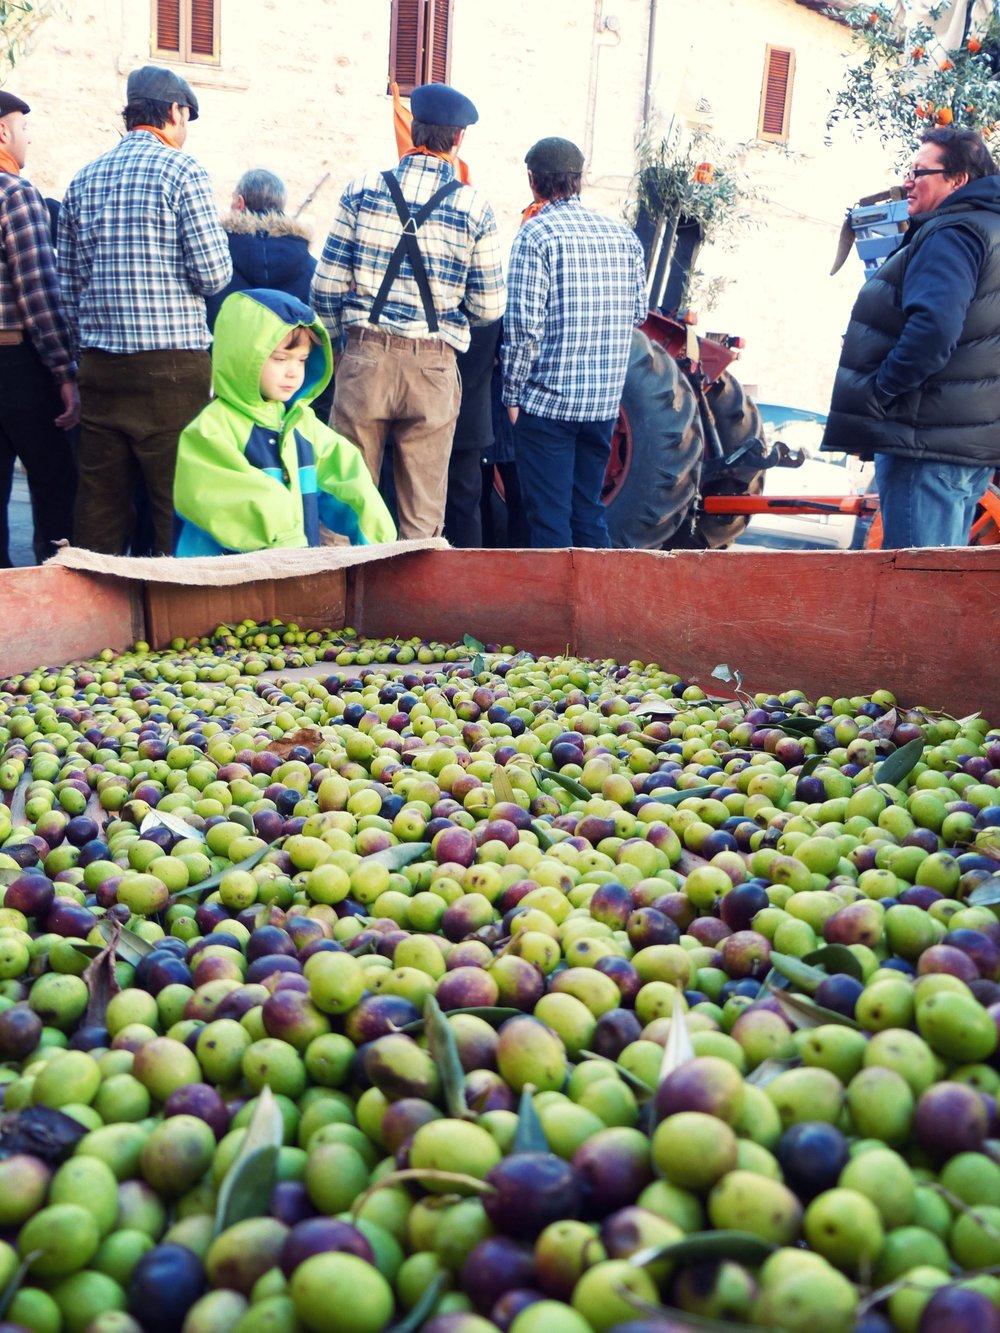 Olives at L'Oro di Spello, Umbria